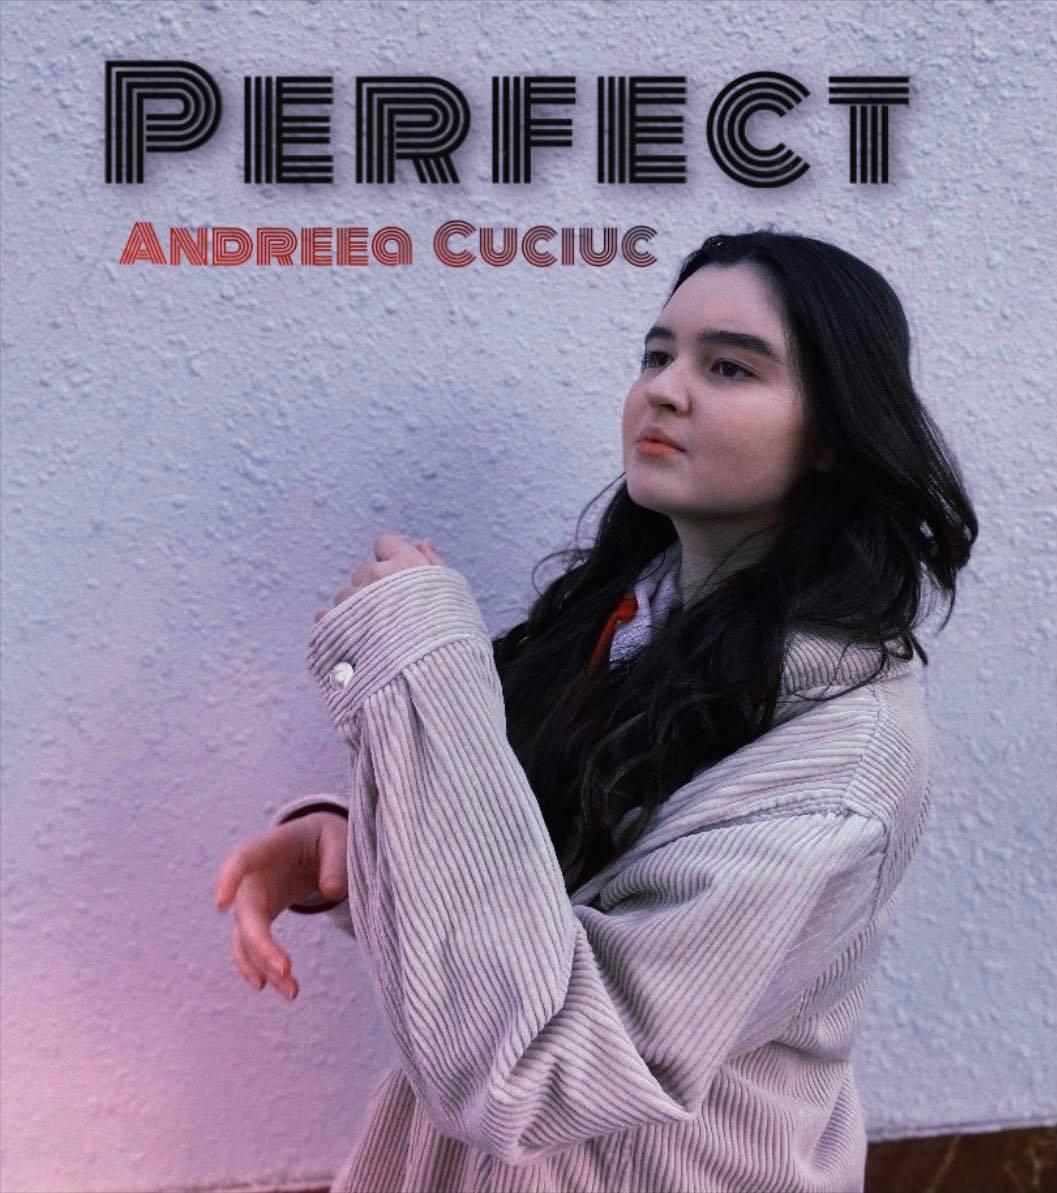 Andreea Cuciuc se simte PERFECT!